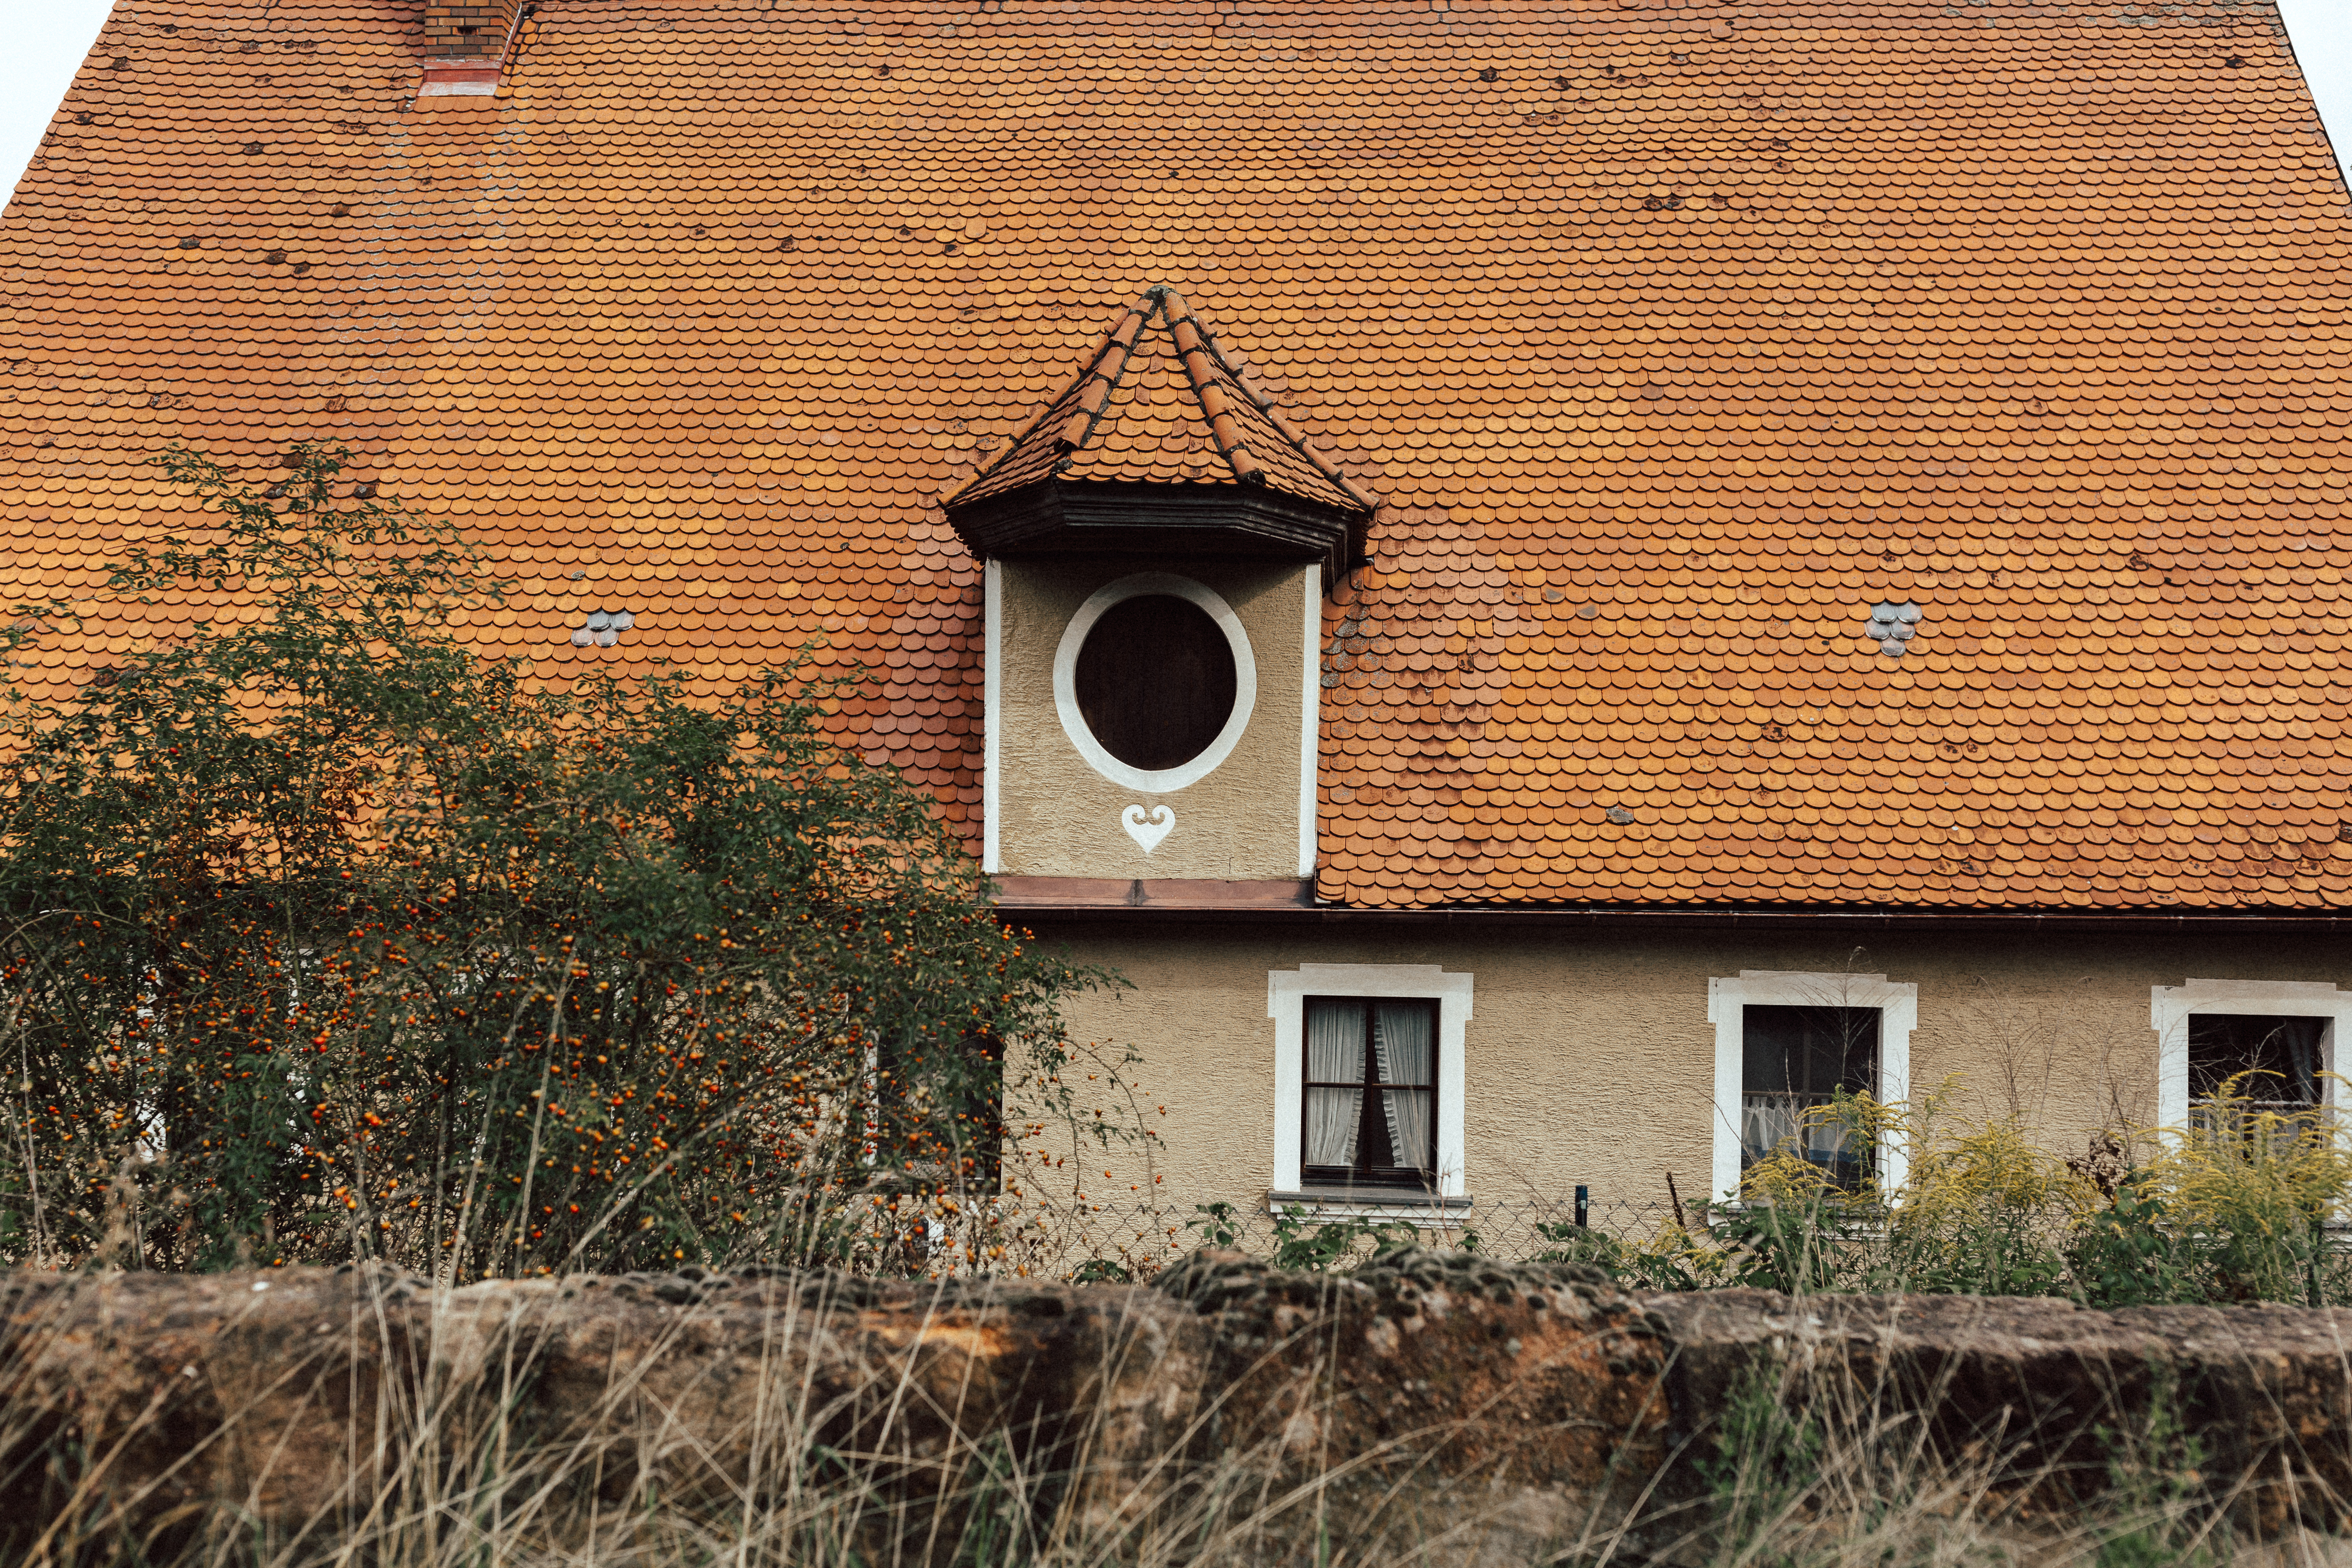 URBANERIE_Daniela_Goth_Fotografin_Nürnberg_Fürth_Erlangen_Schwabach_170902_004_0017